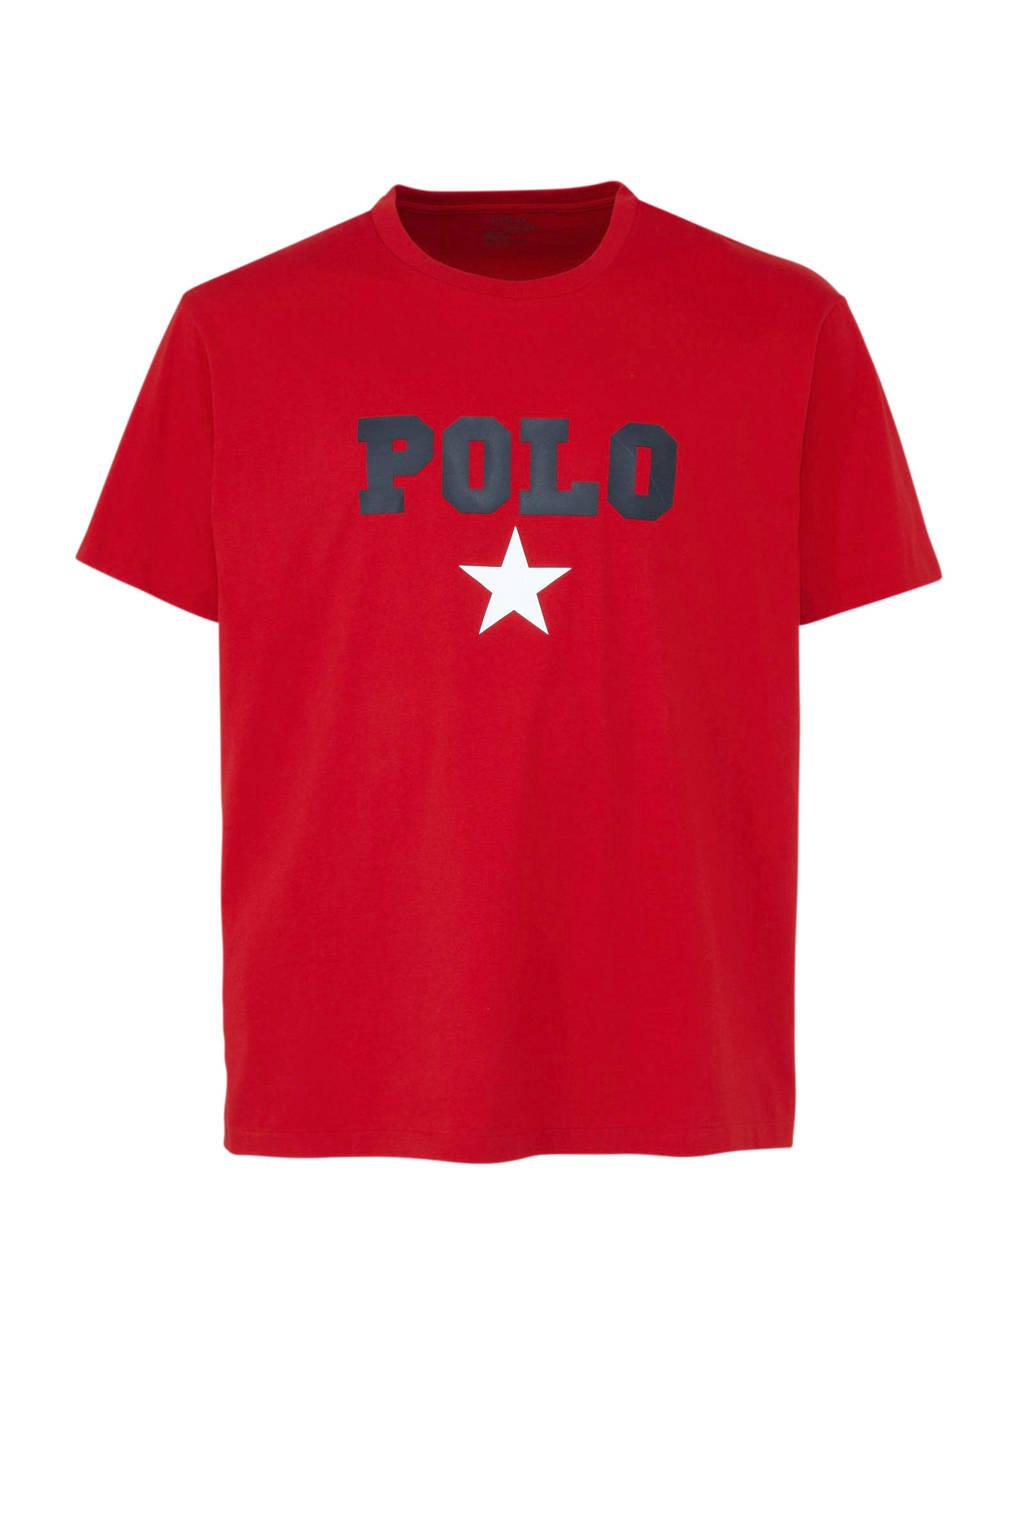 POLO Ralph Lauren Big & Tall +size T-shirt, Rood